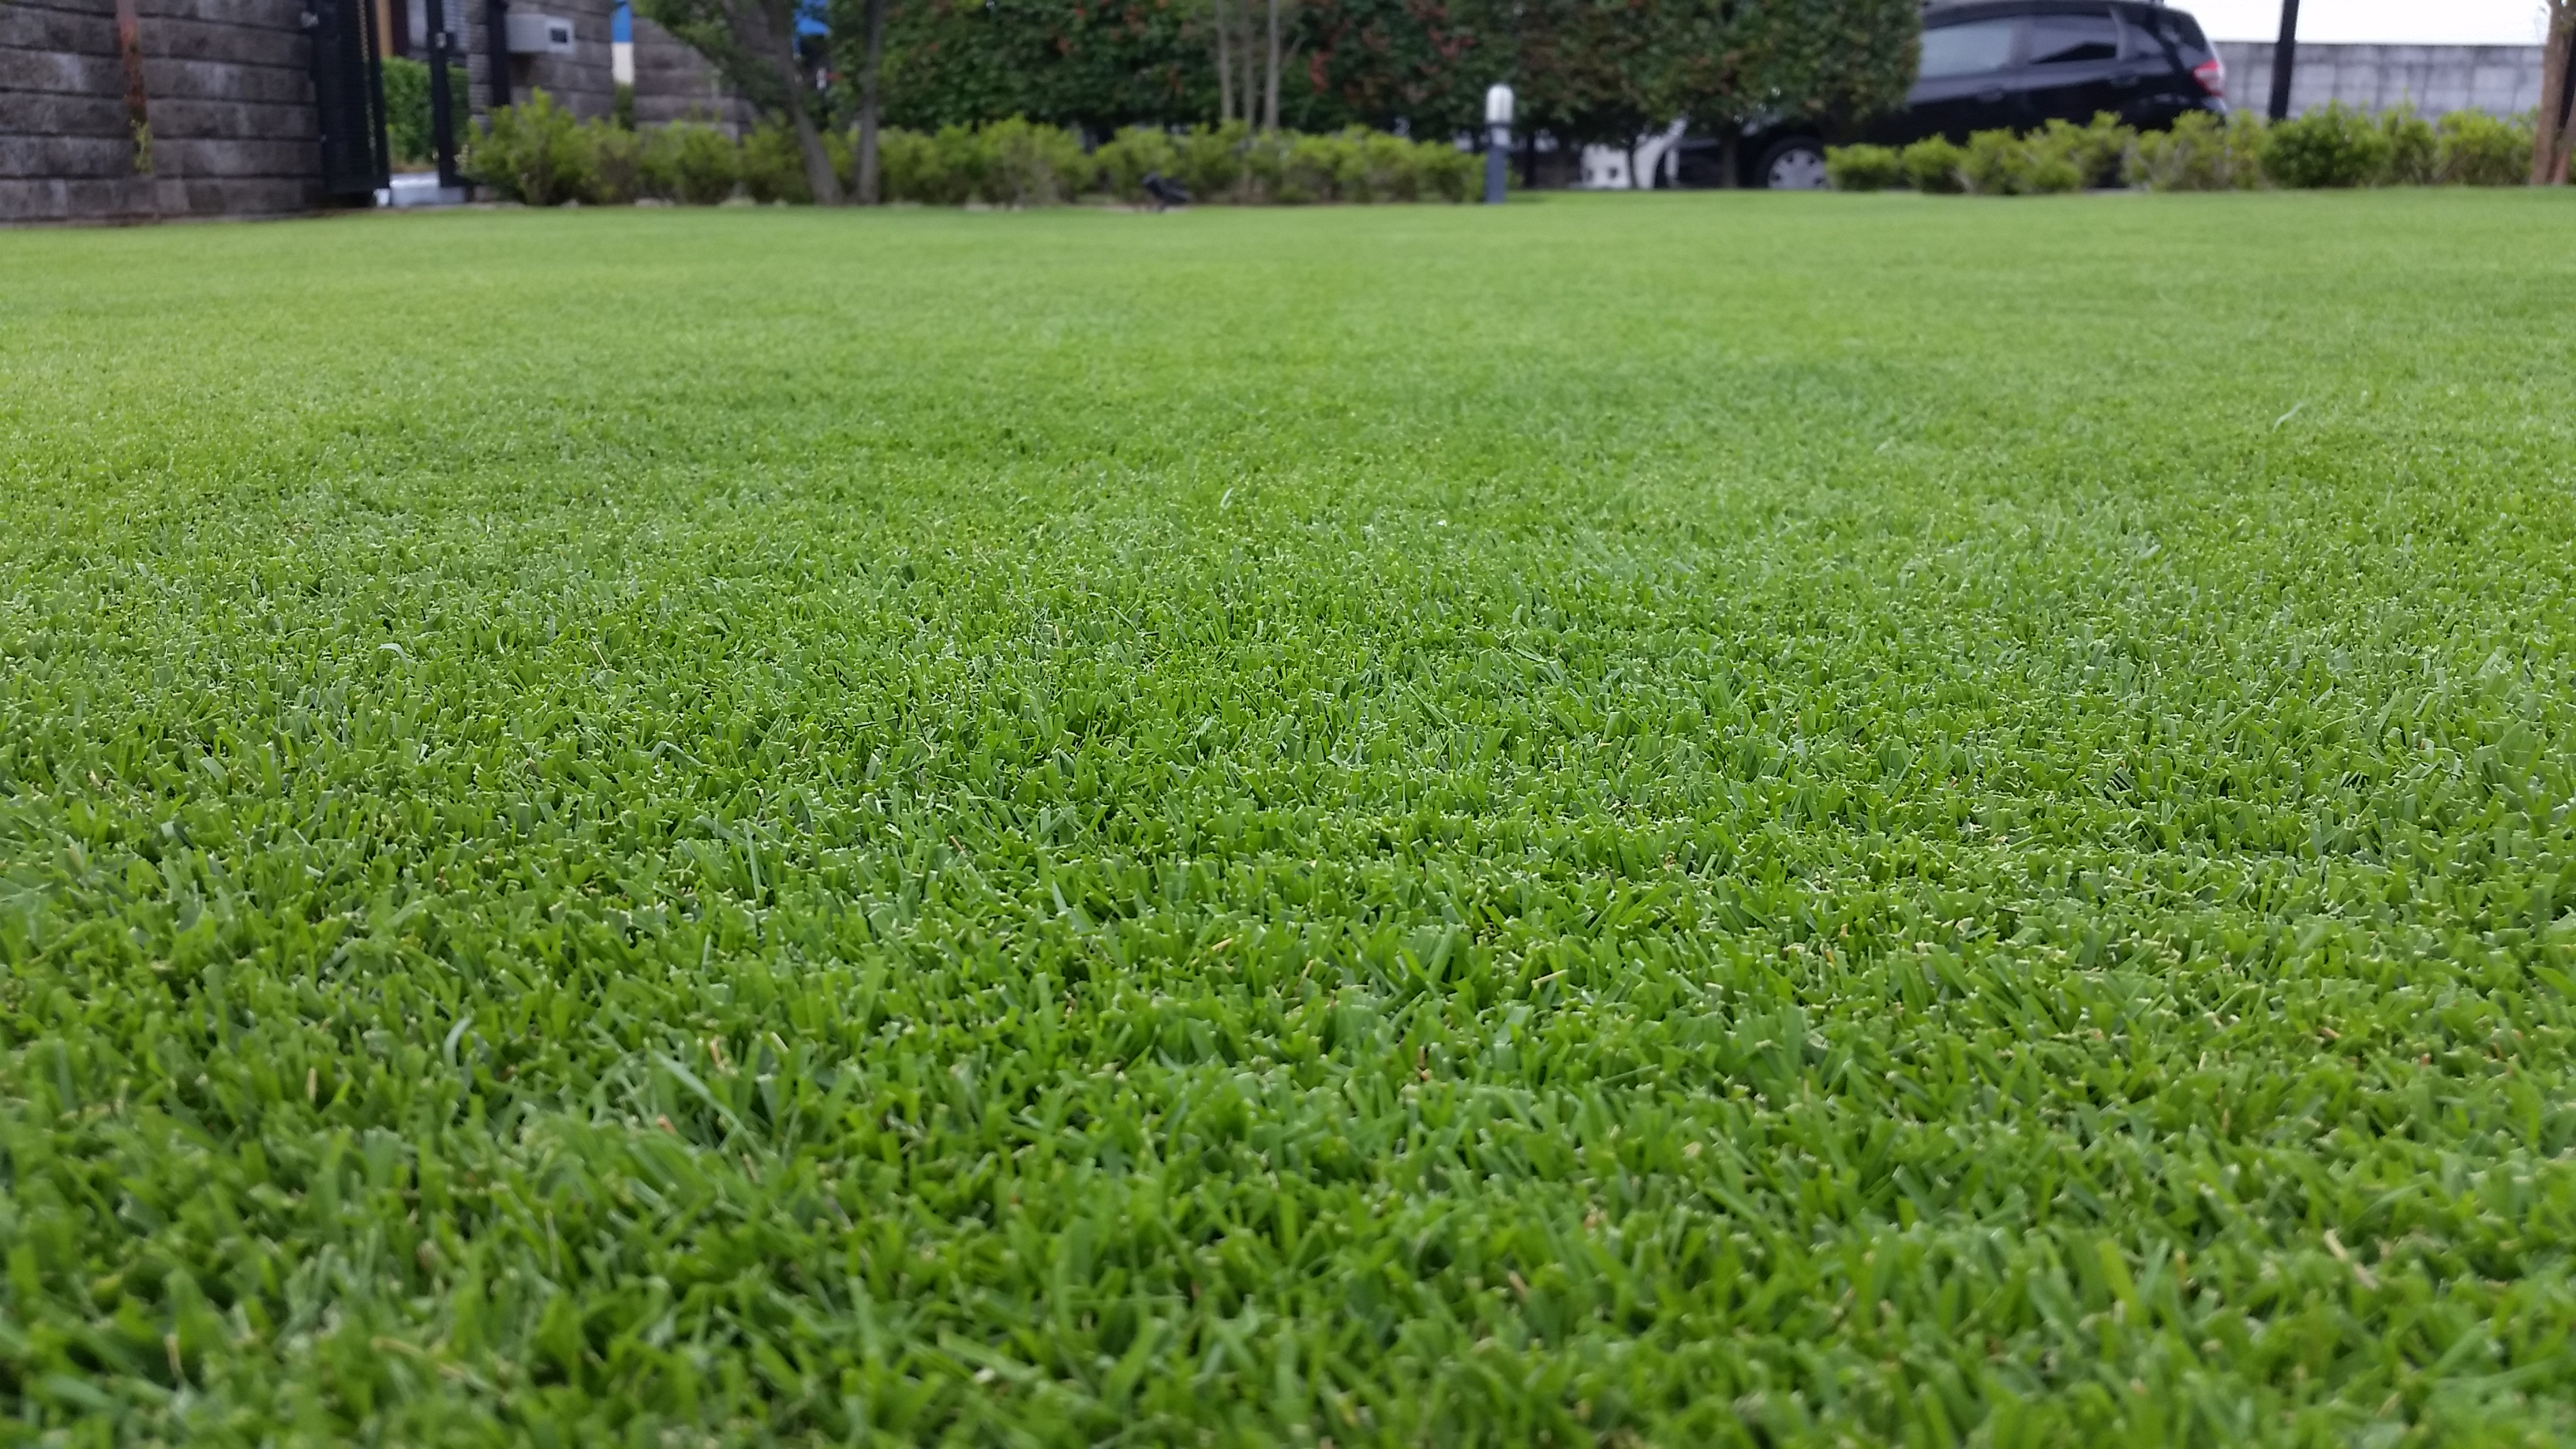 経験から分かる芝生の密度がグングン上がる方法😃✨